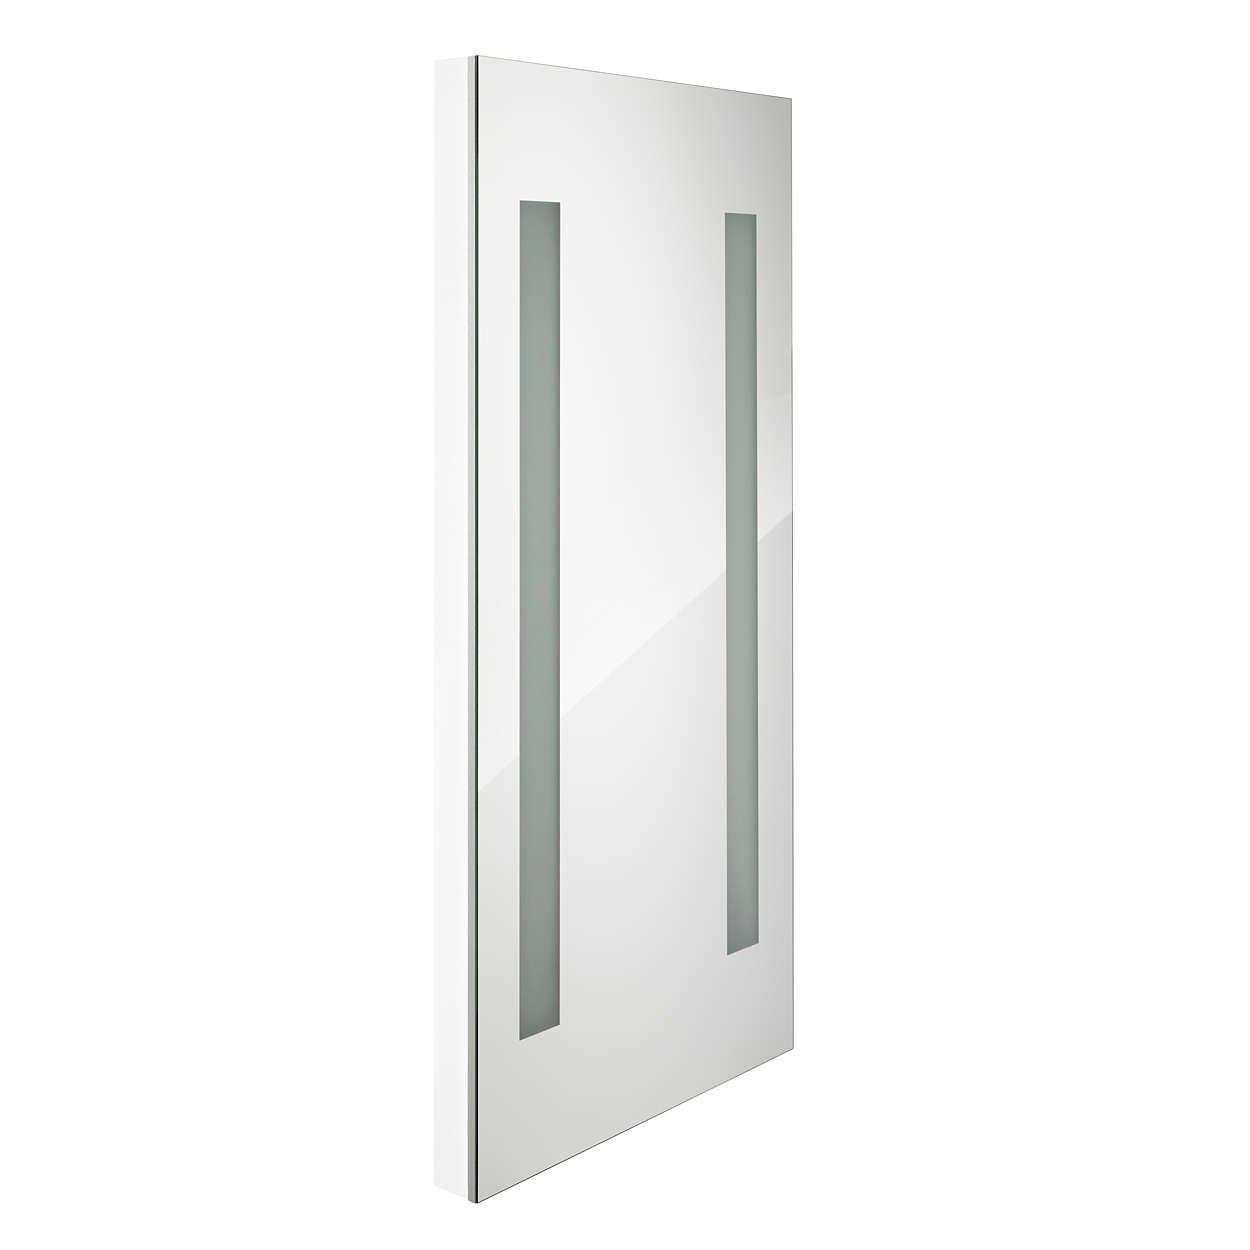 AmbiScene Fashion Mirror Seasons – Miroir pour cabine d'essayage avec un éclairage que les utilisateurs peuvent adapter en fonction de la saison